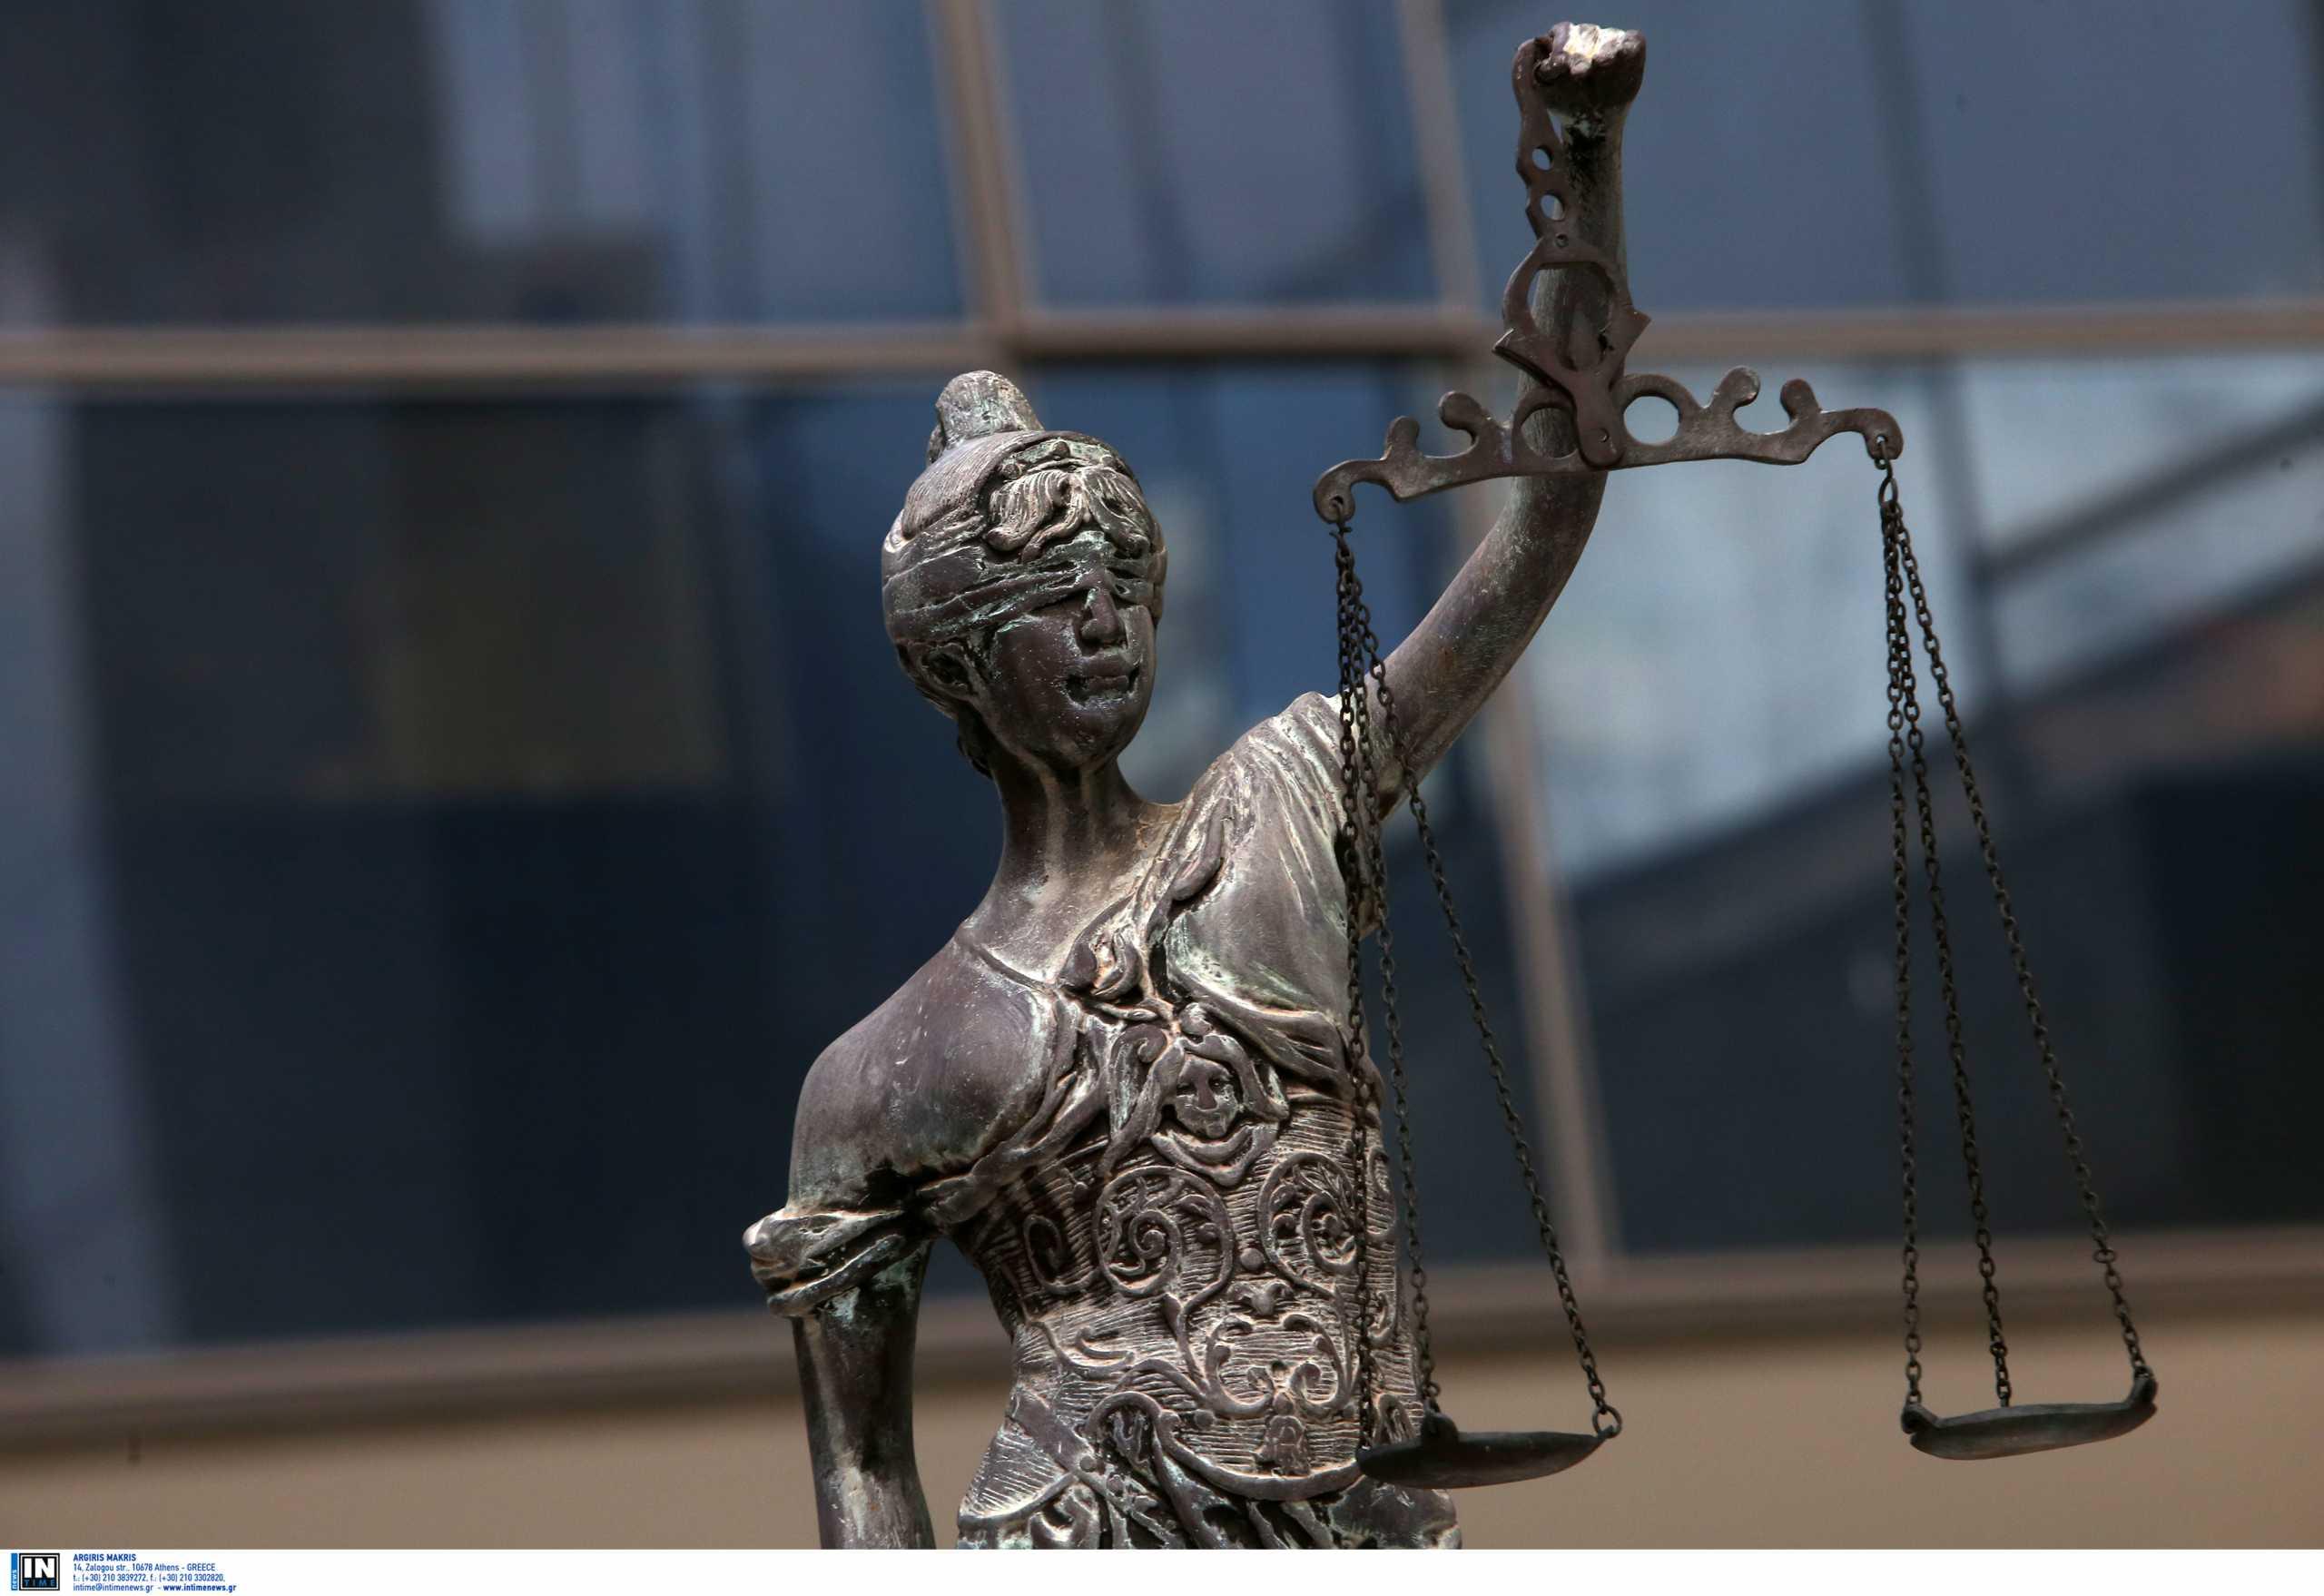 Κρίση στους κόλπους της Ένωσης Δικαστών και Εισαγγελέων – Έκτακτη σύγκληση οργάνων ζητούν μέλη της